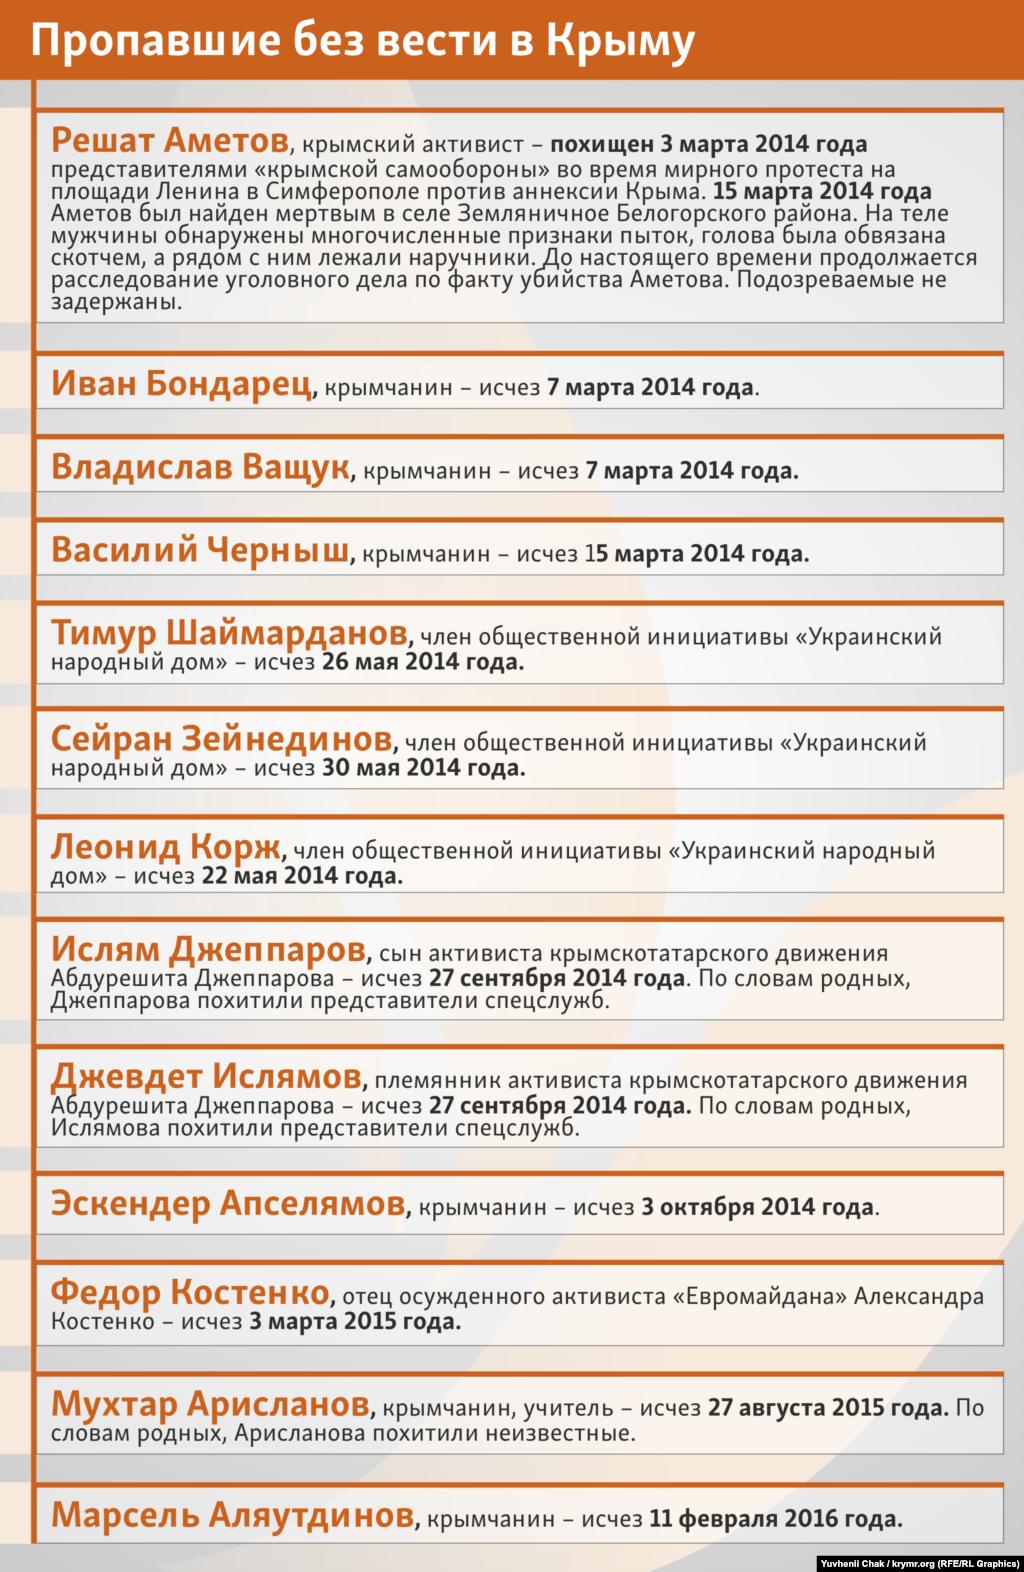 Пропавшие без вести в Крыму